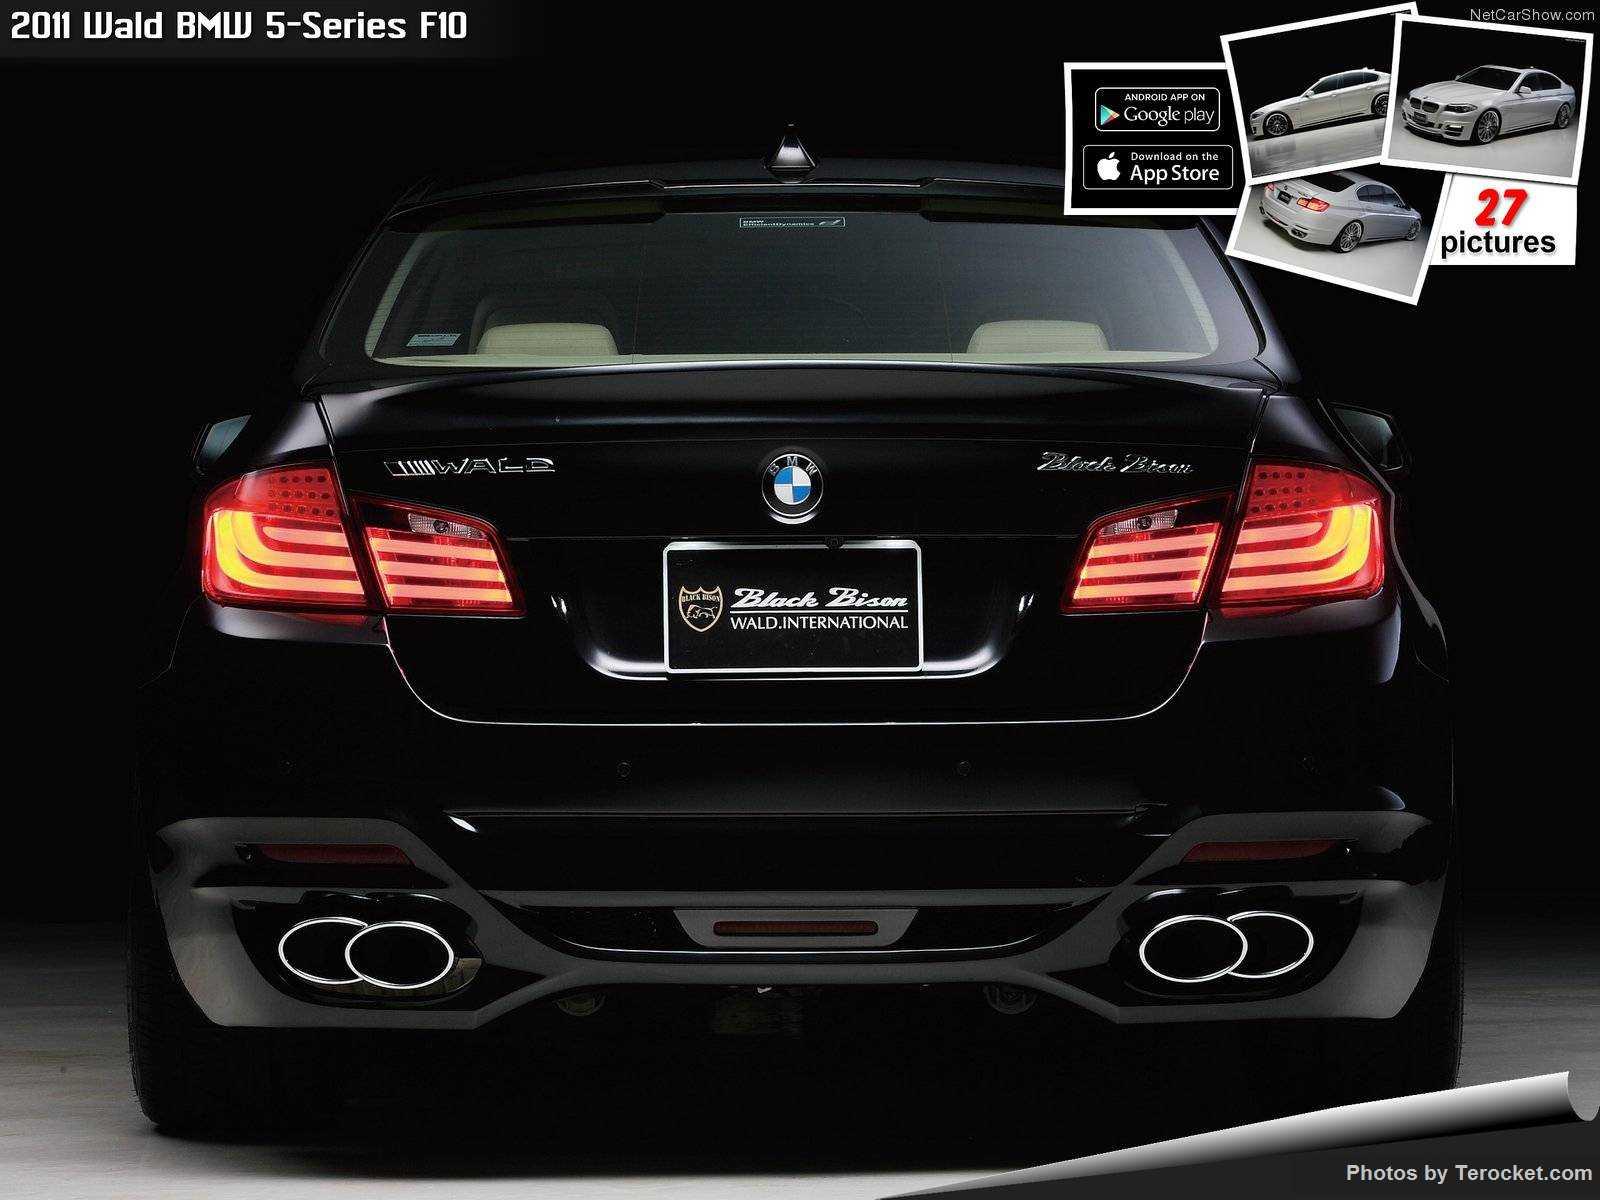 Hình ảnh xe độ Wald BMW 5-Series F10 2011 & nội ngoại thất